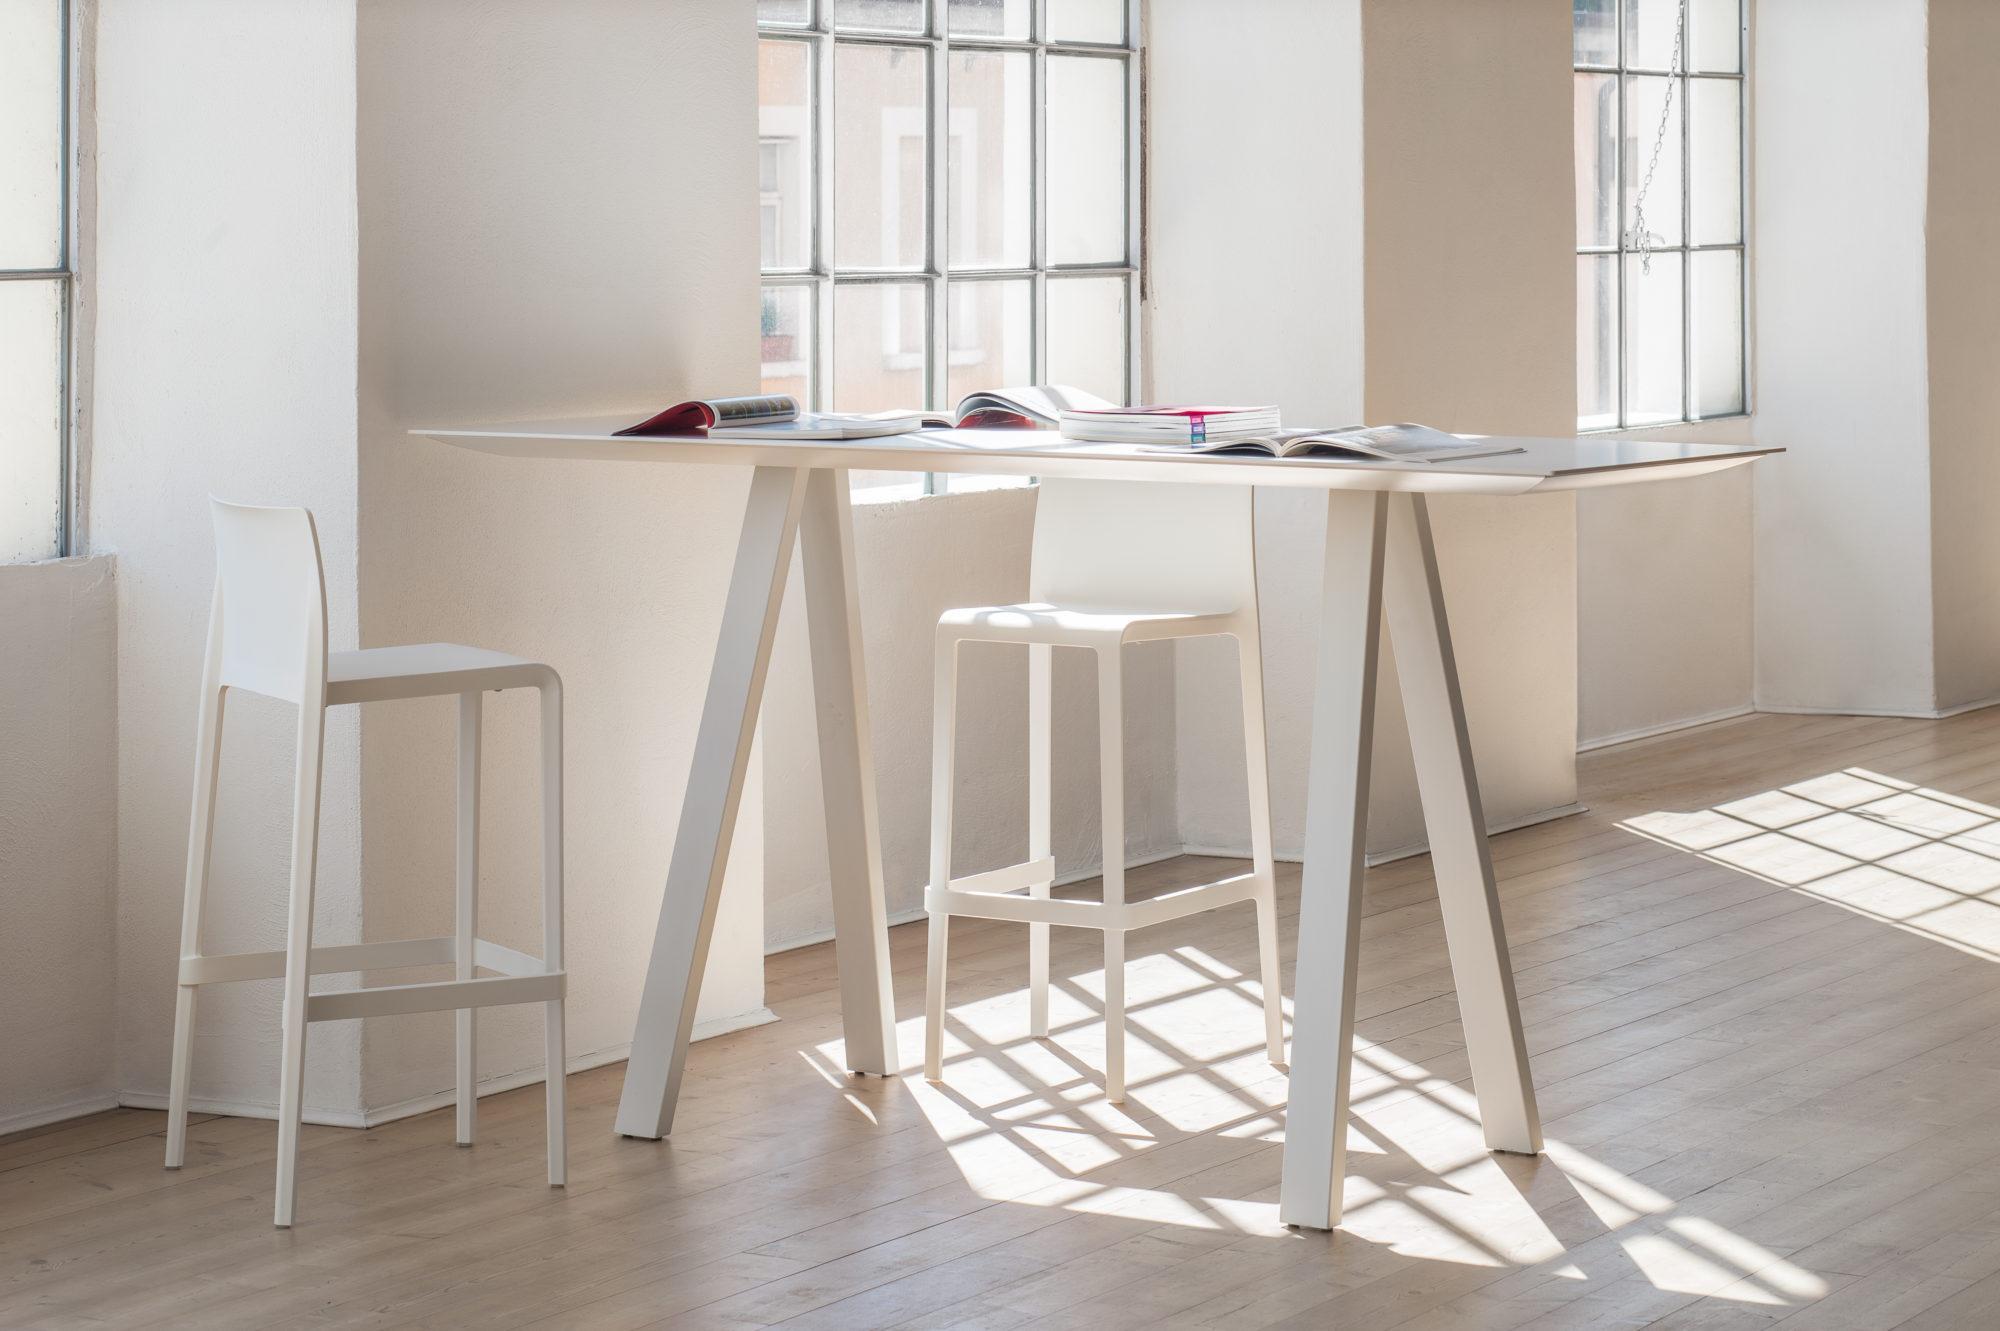 Sgabello volt e tavolo arki table fotografo brescia ottavio tomasini